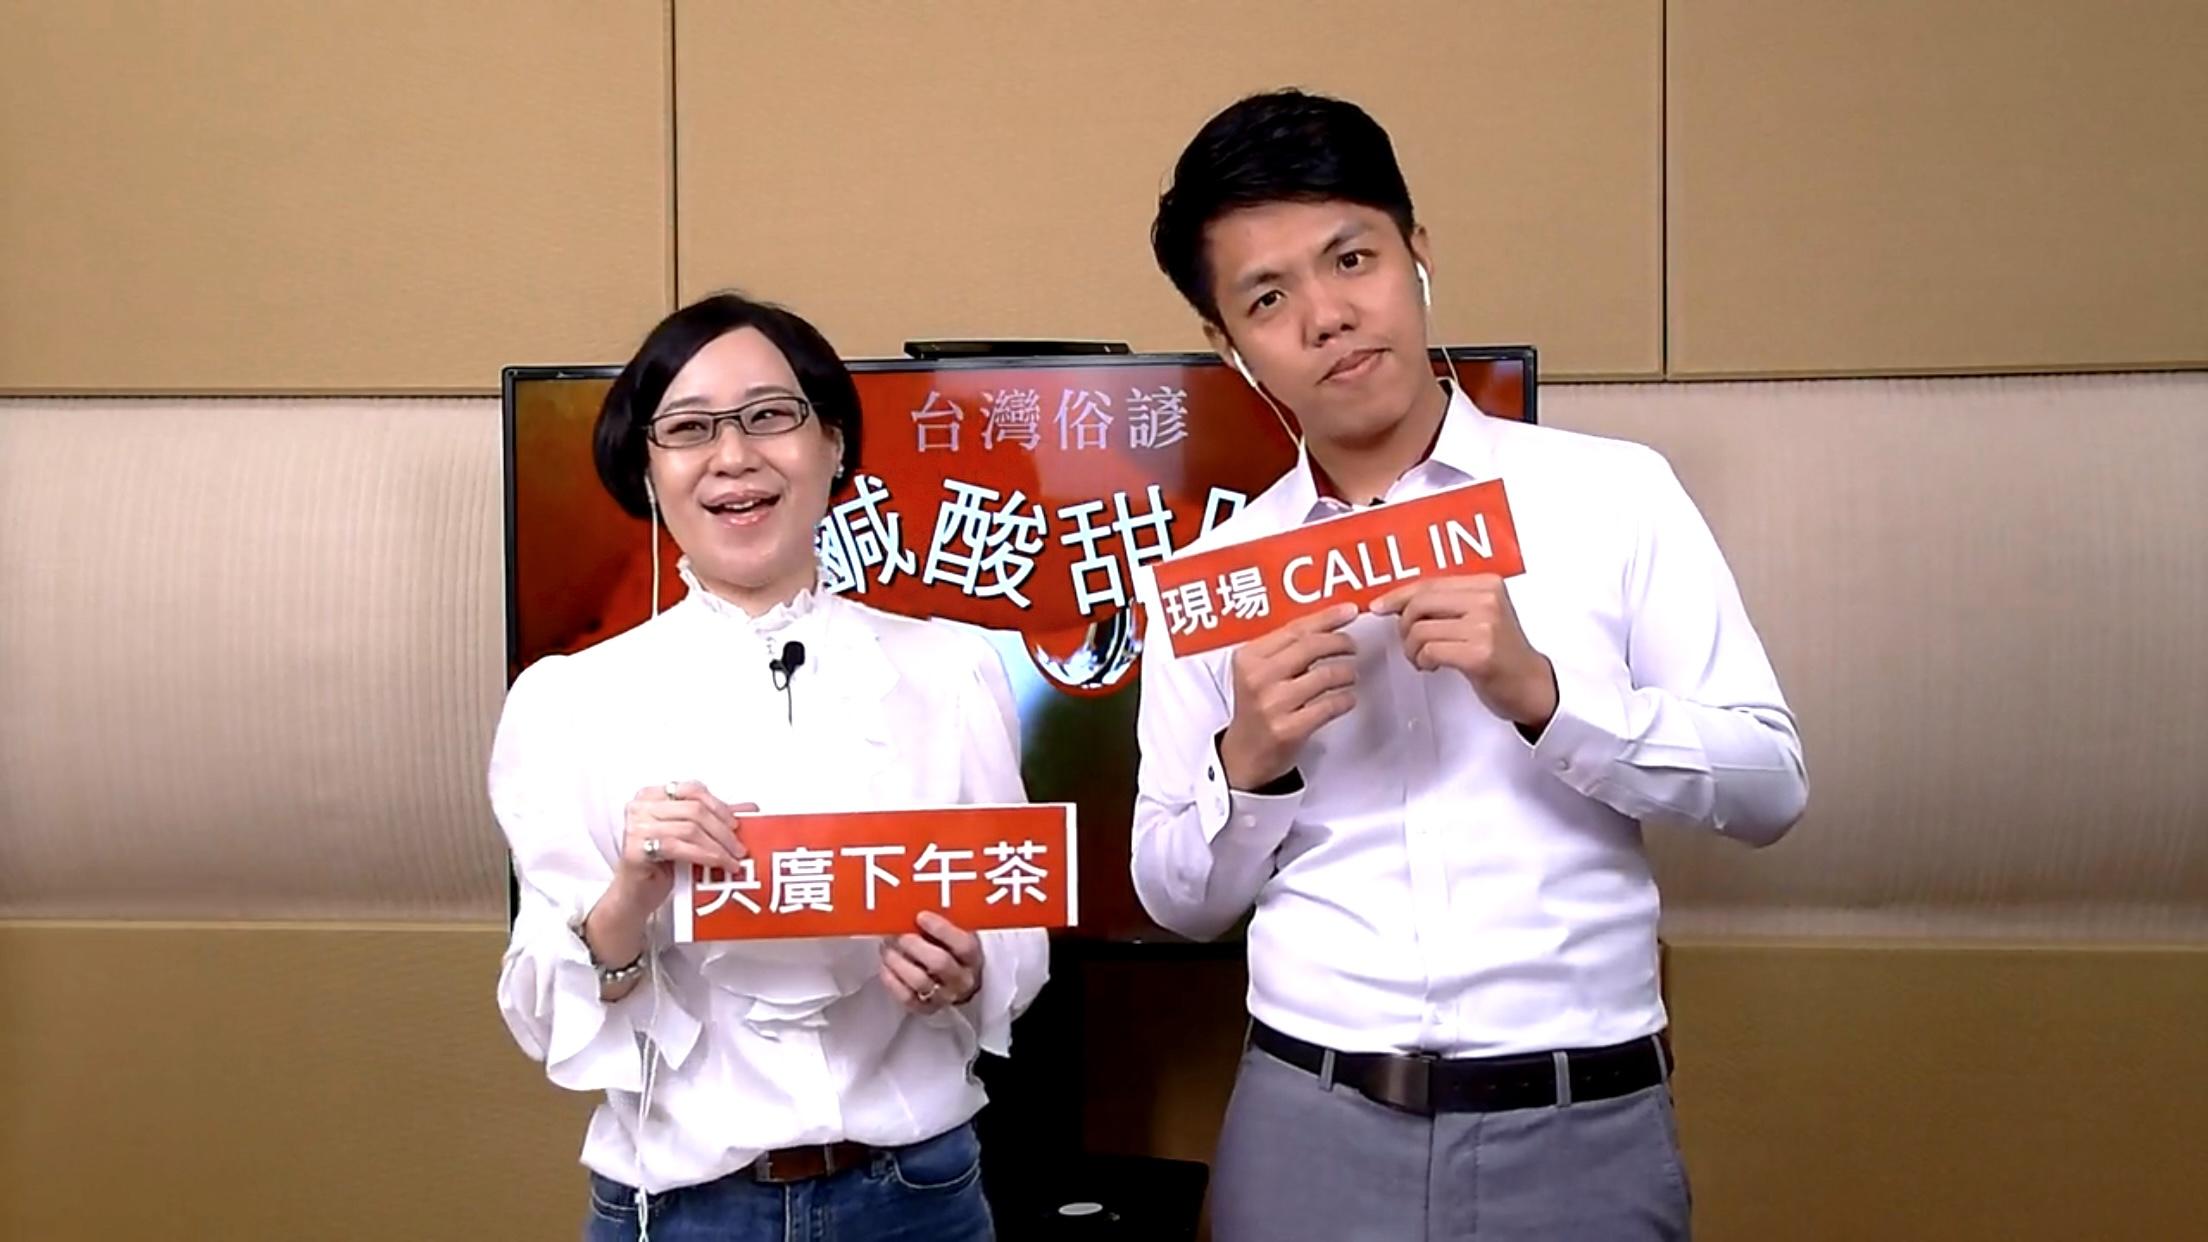 台灣俗諺裡的鹹酸甜味-精彩重現